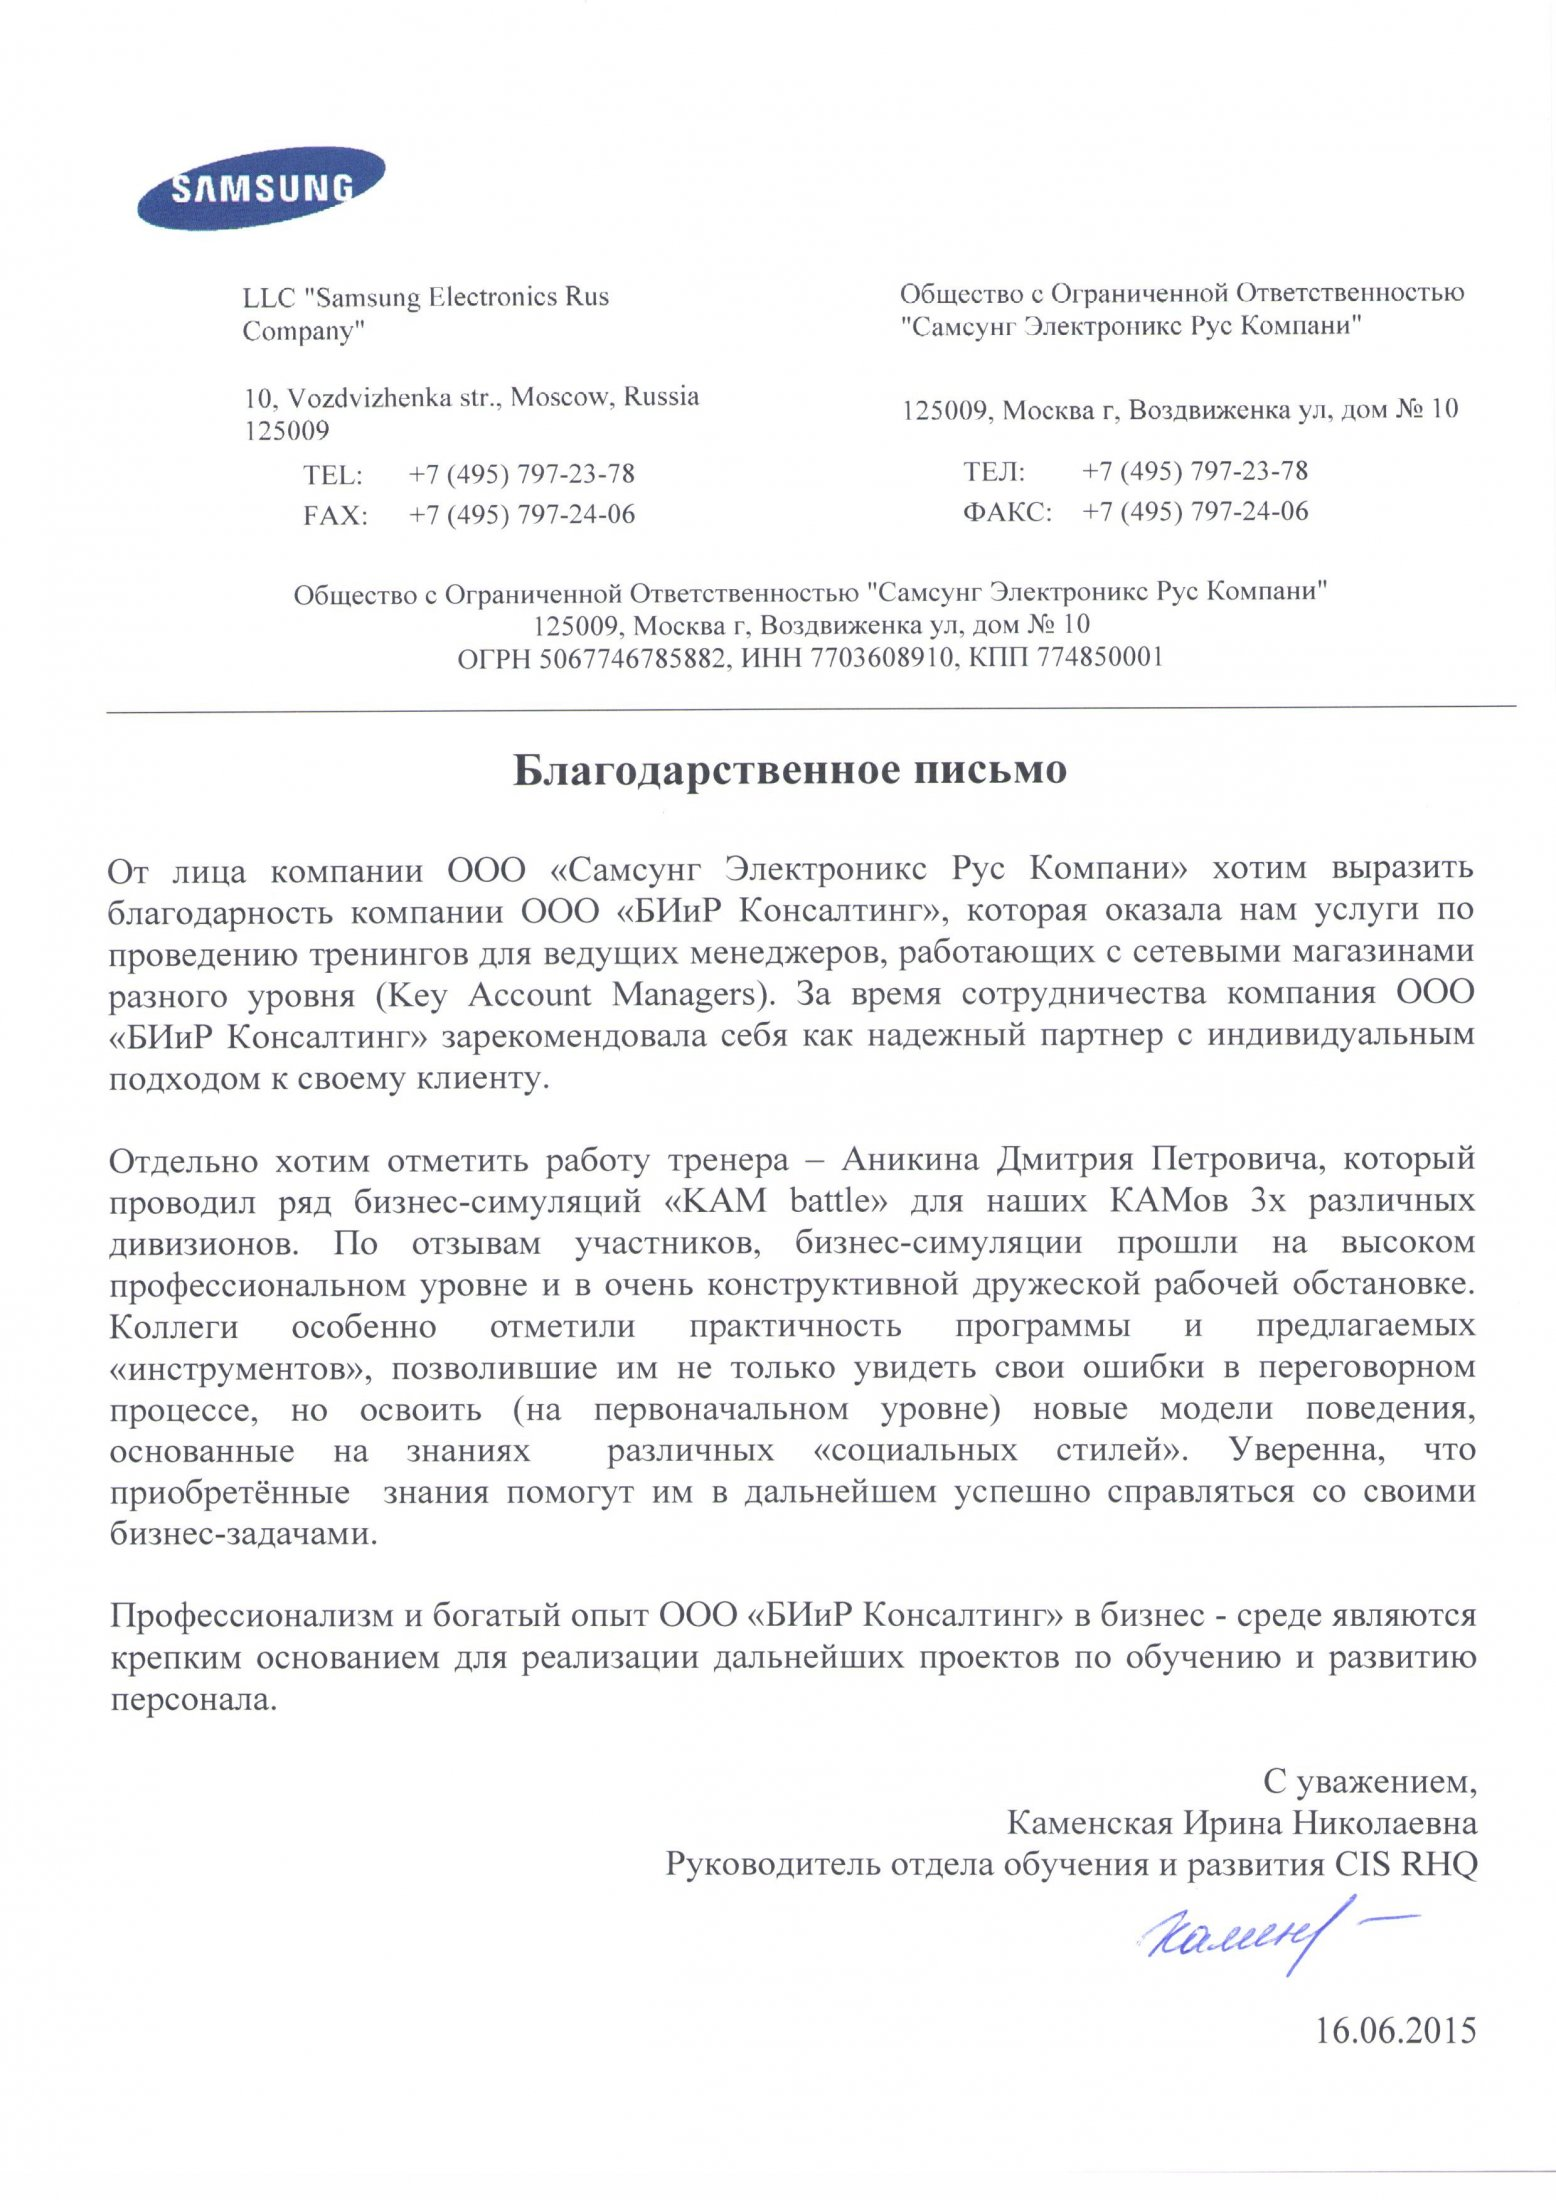 Самсунг Электроникс Рус